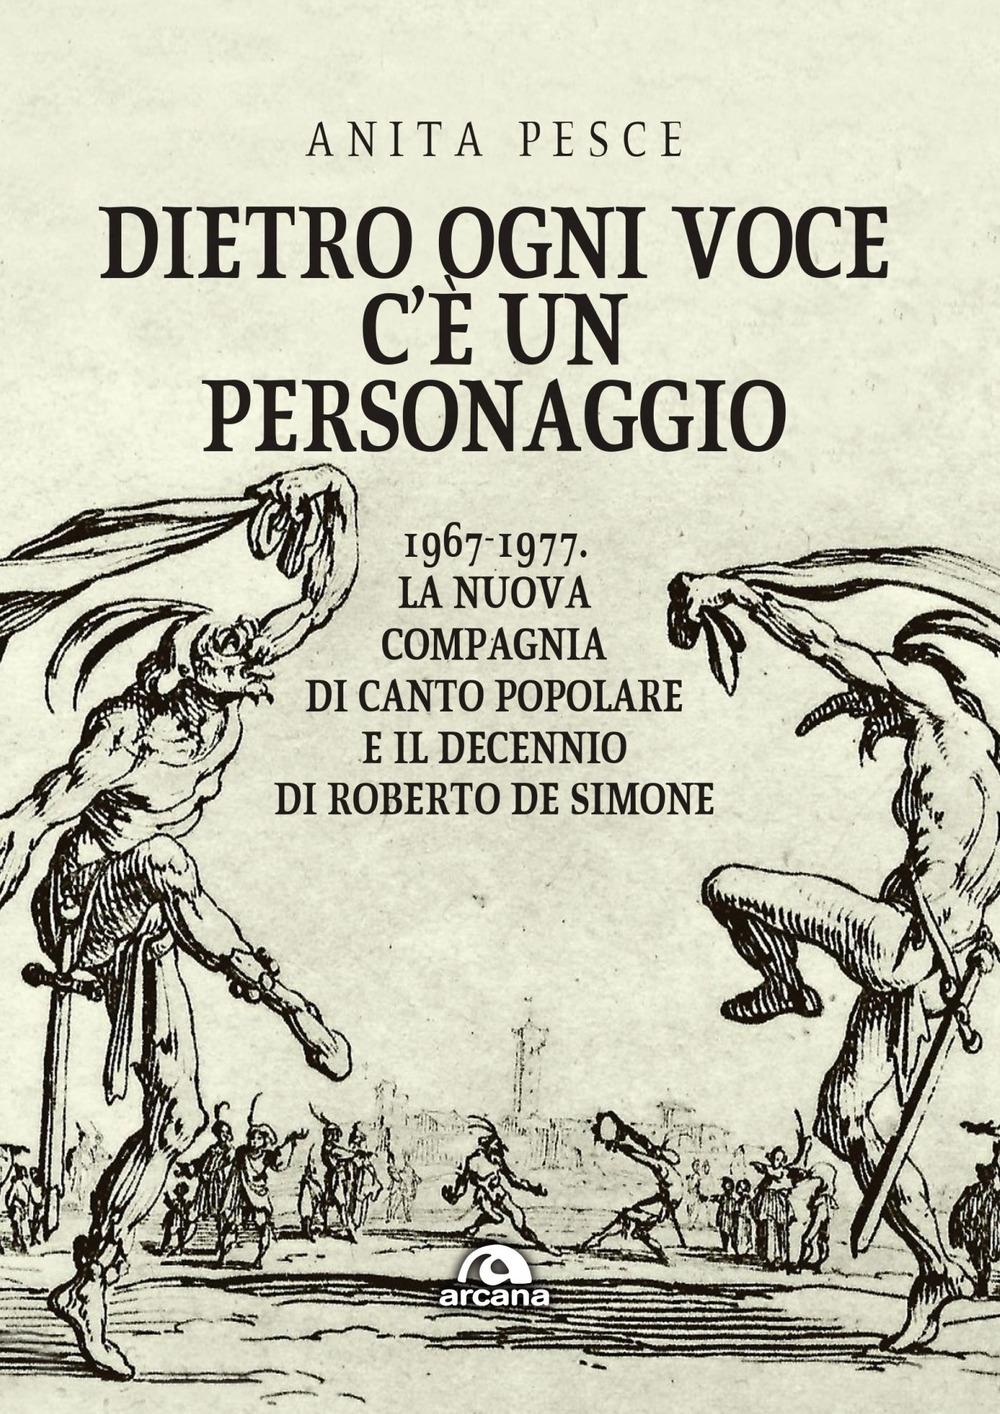 Dietro ogni voce c'è un personaggio. 1967-1977. La Nuova Compagnia di Canto Popolare e il decennio di Roberto De Simone